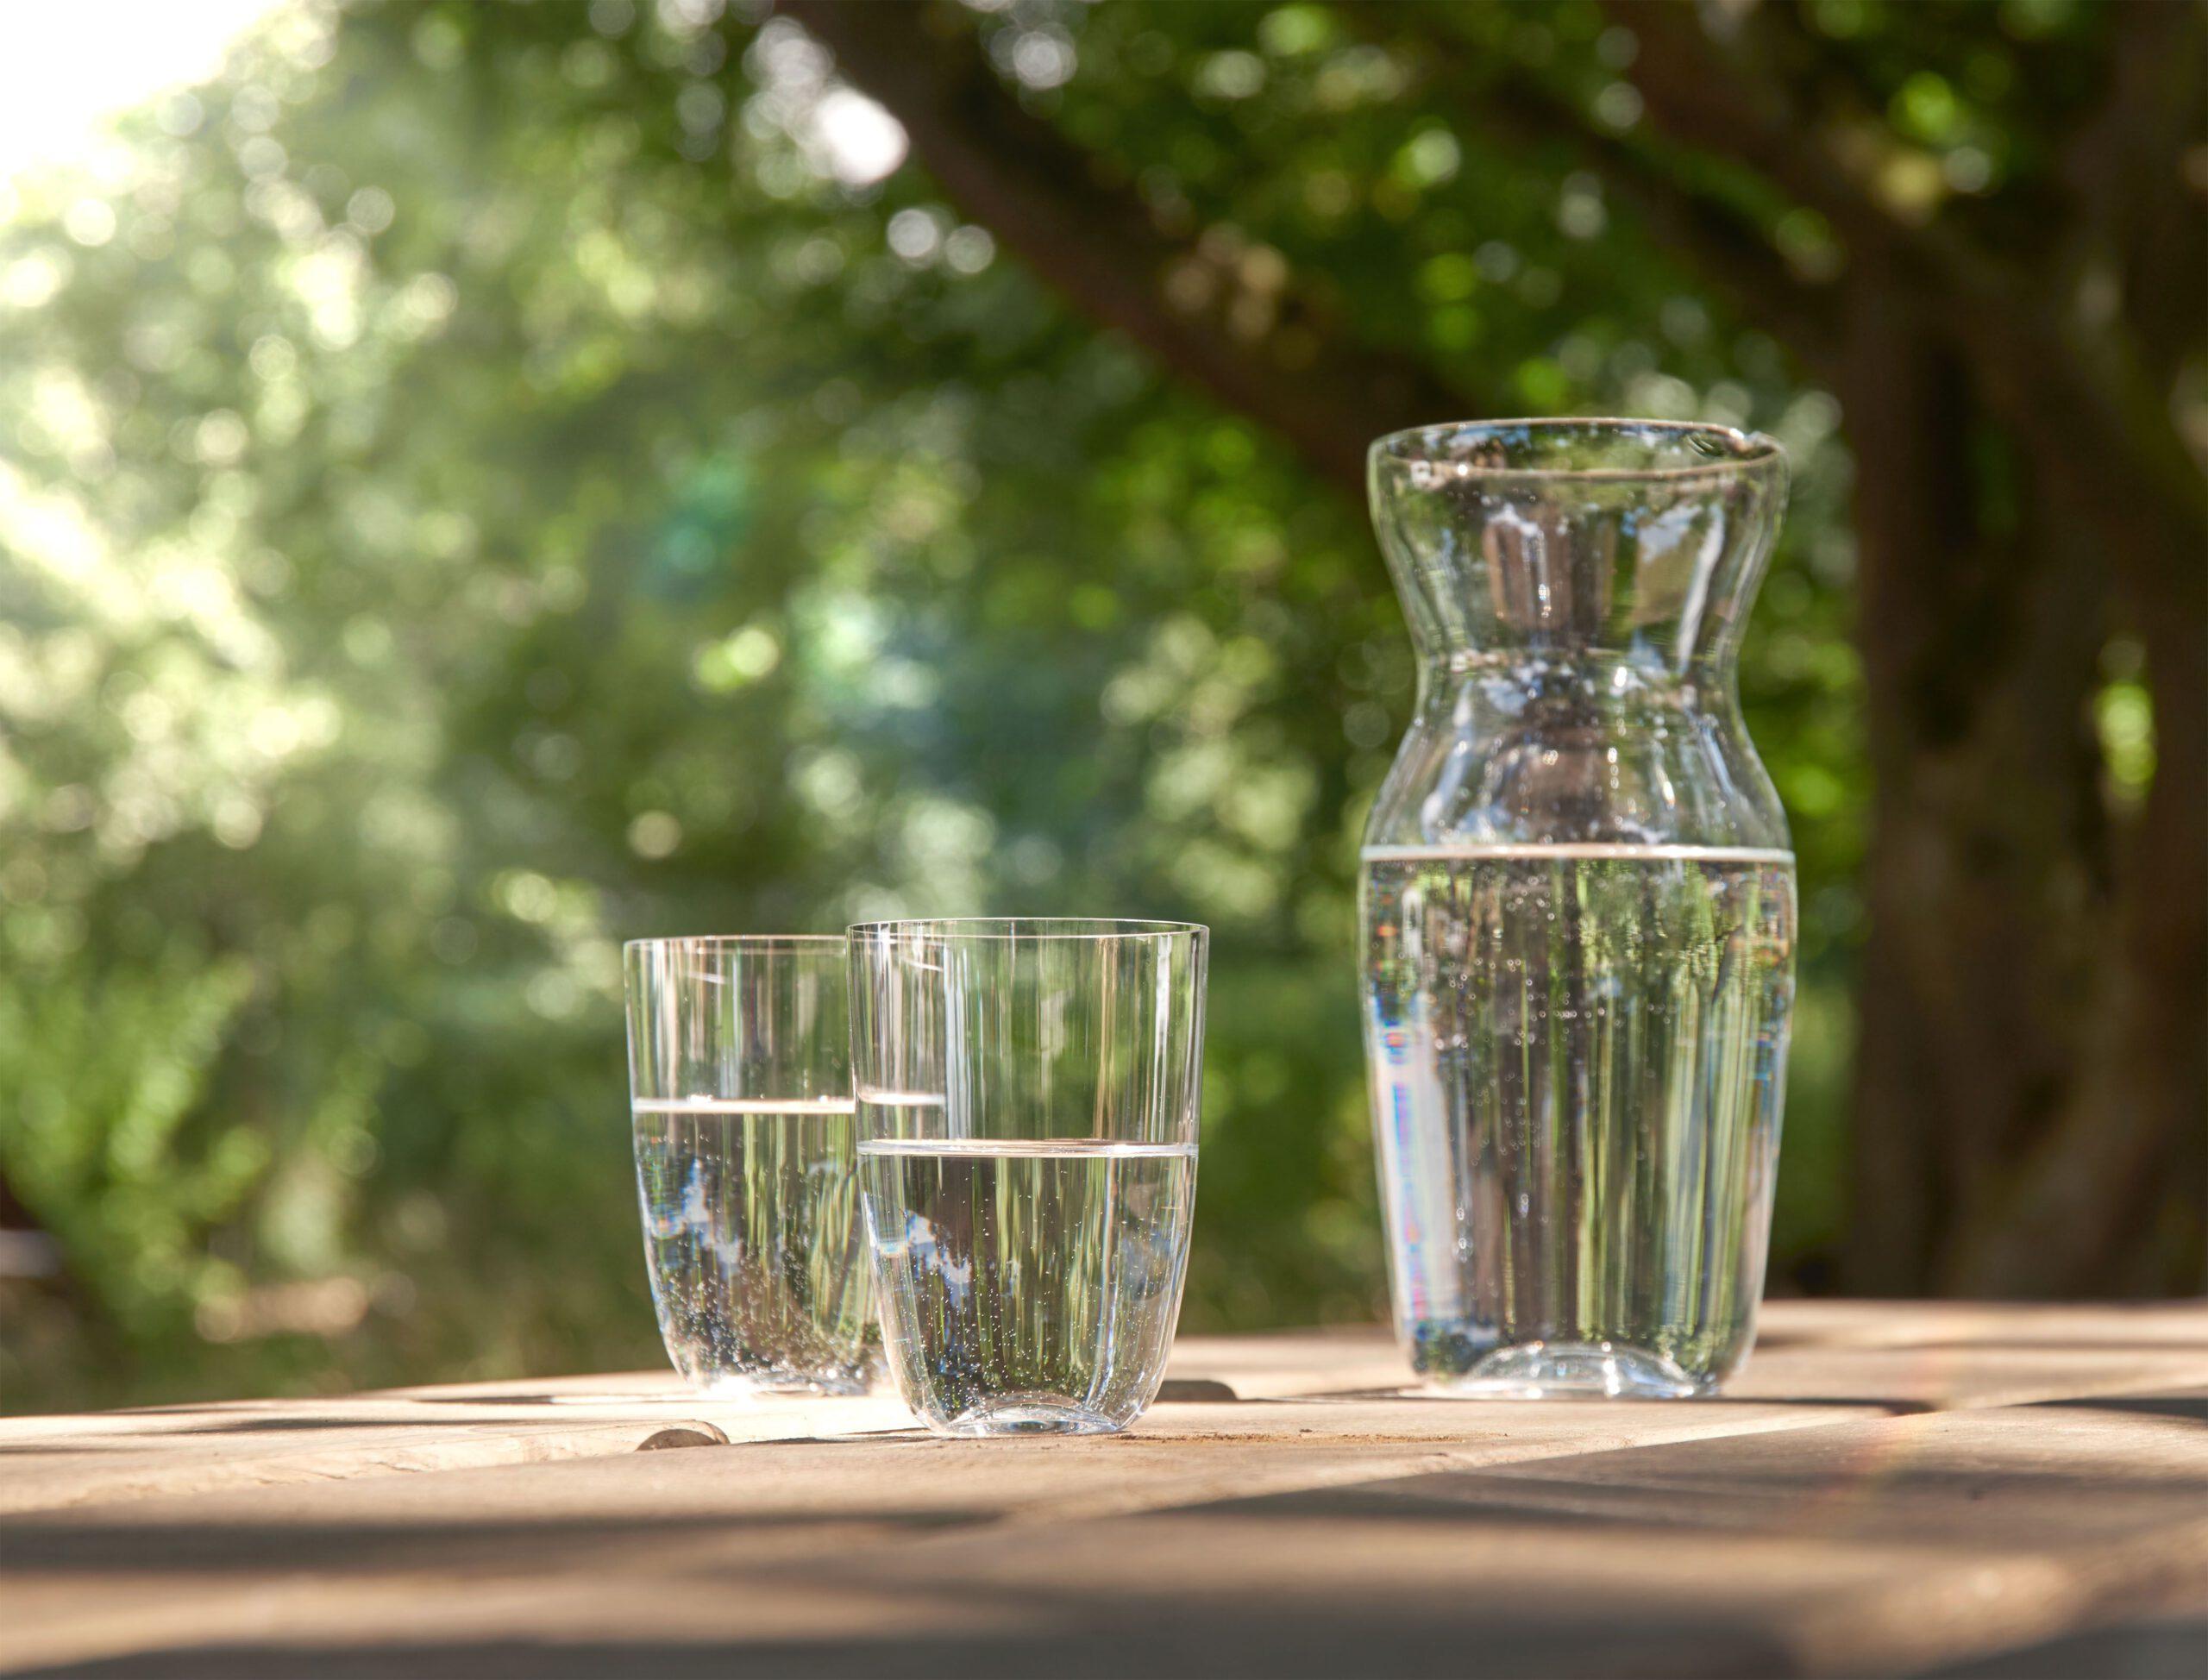 Factsheet: Tipps zum Wasserschutz